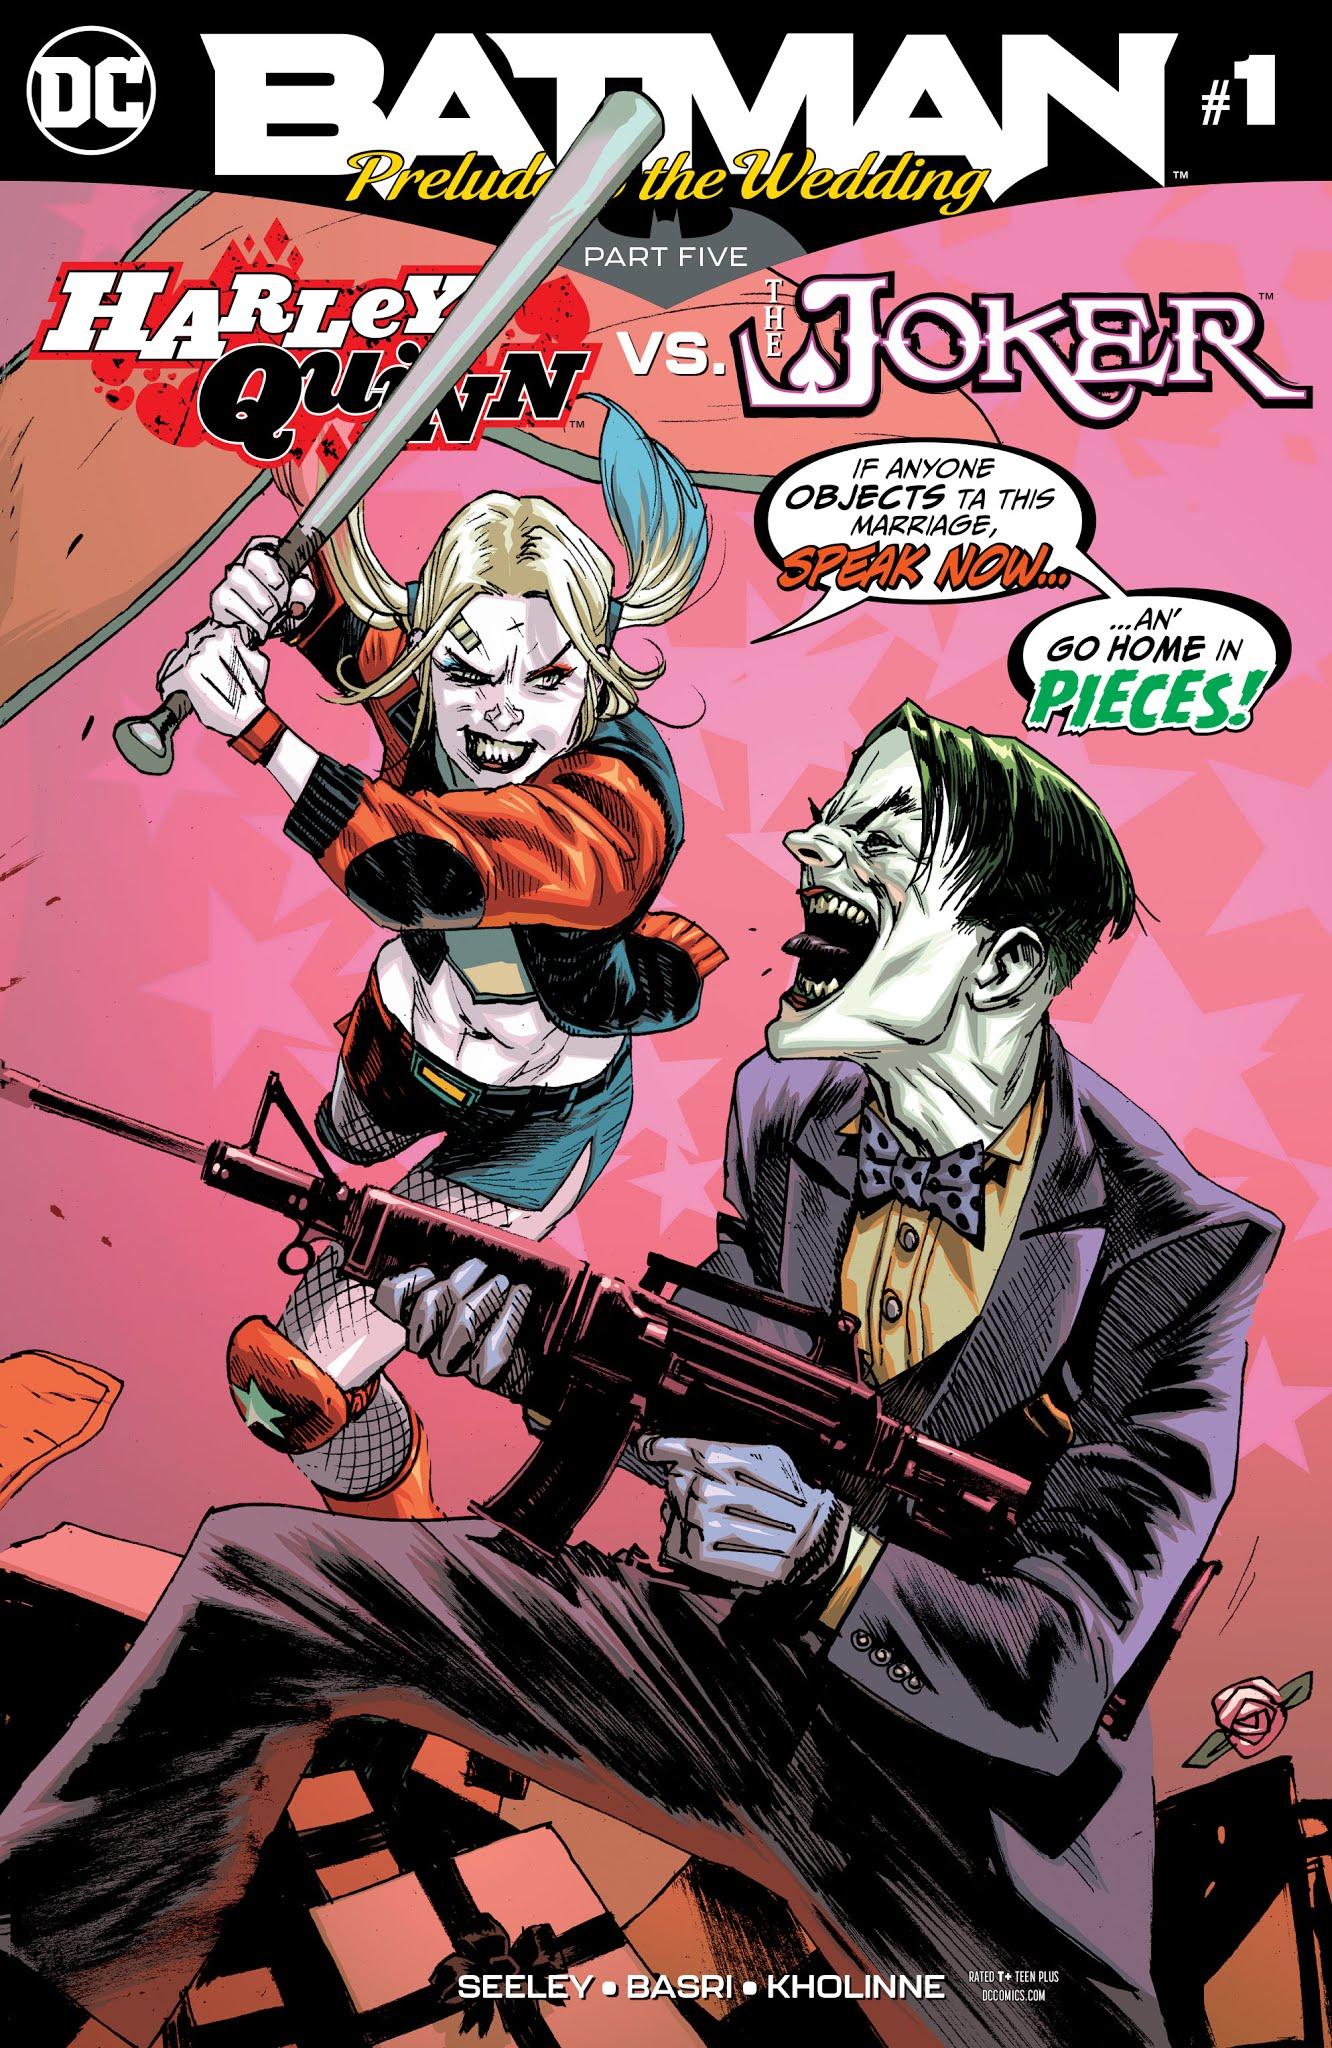 Batman: Prelude to the Wedding: Harley Quinn vs. Joker Full Page 1